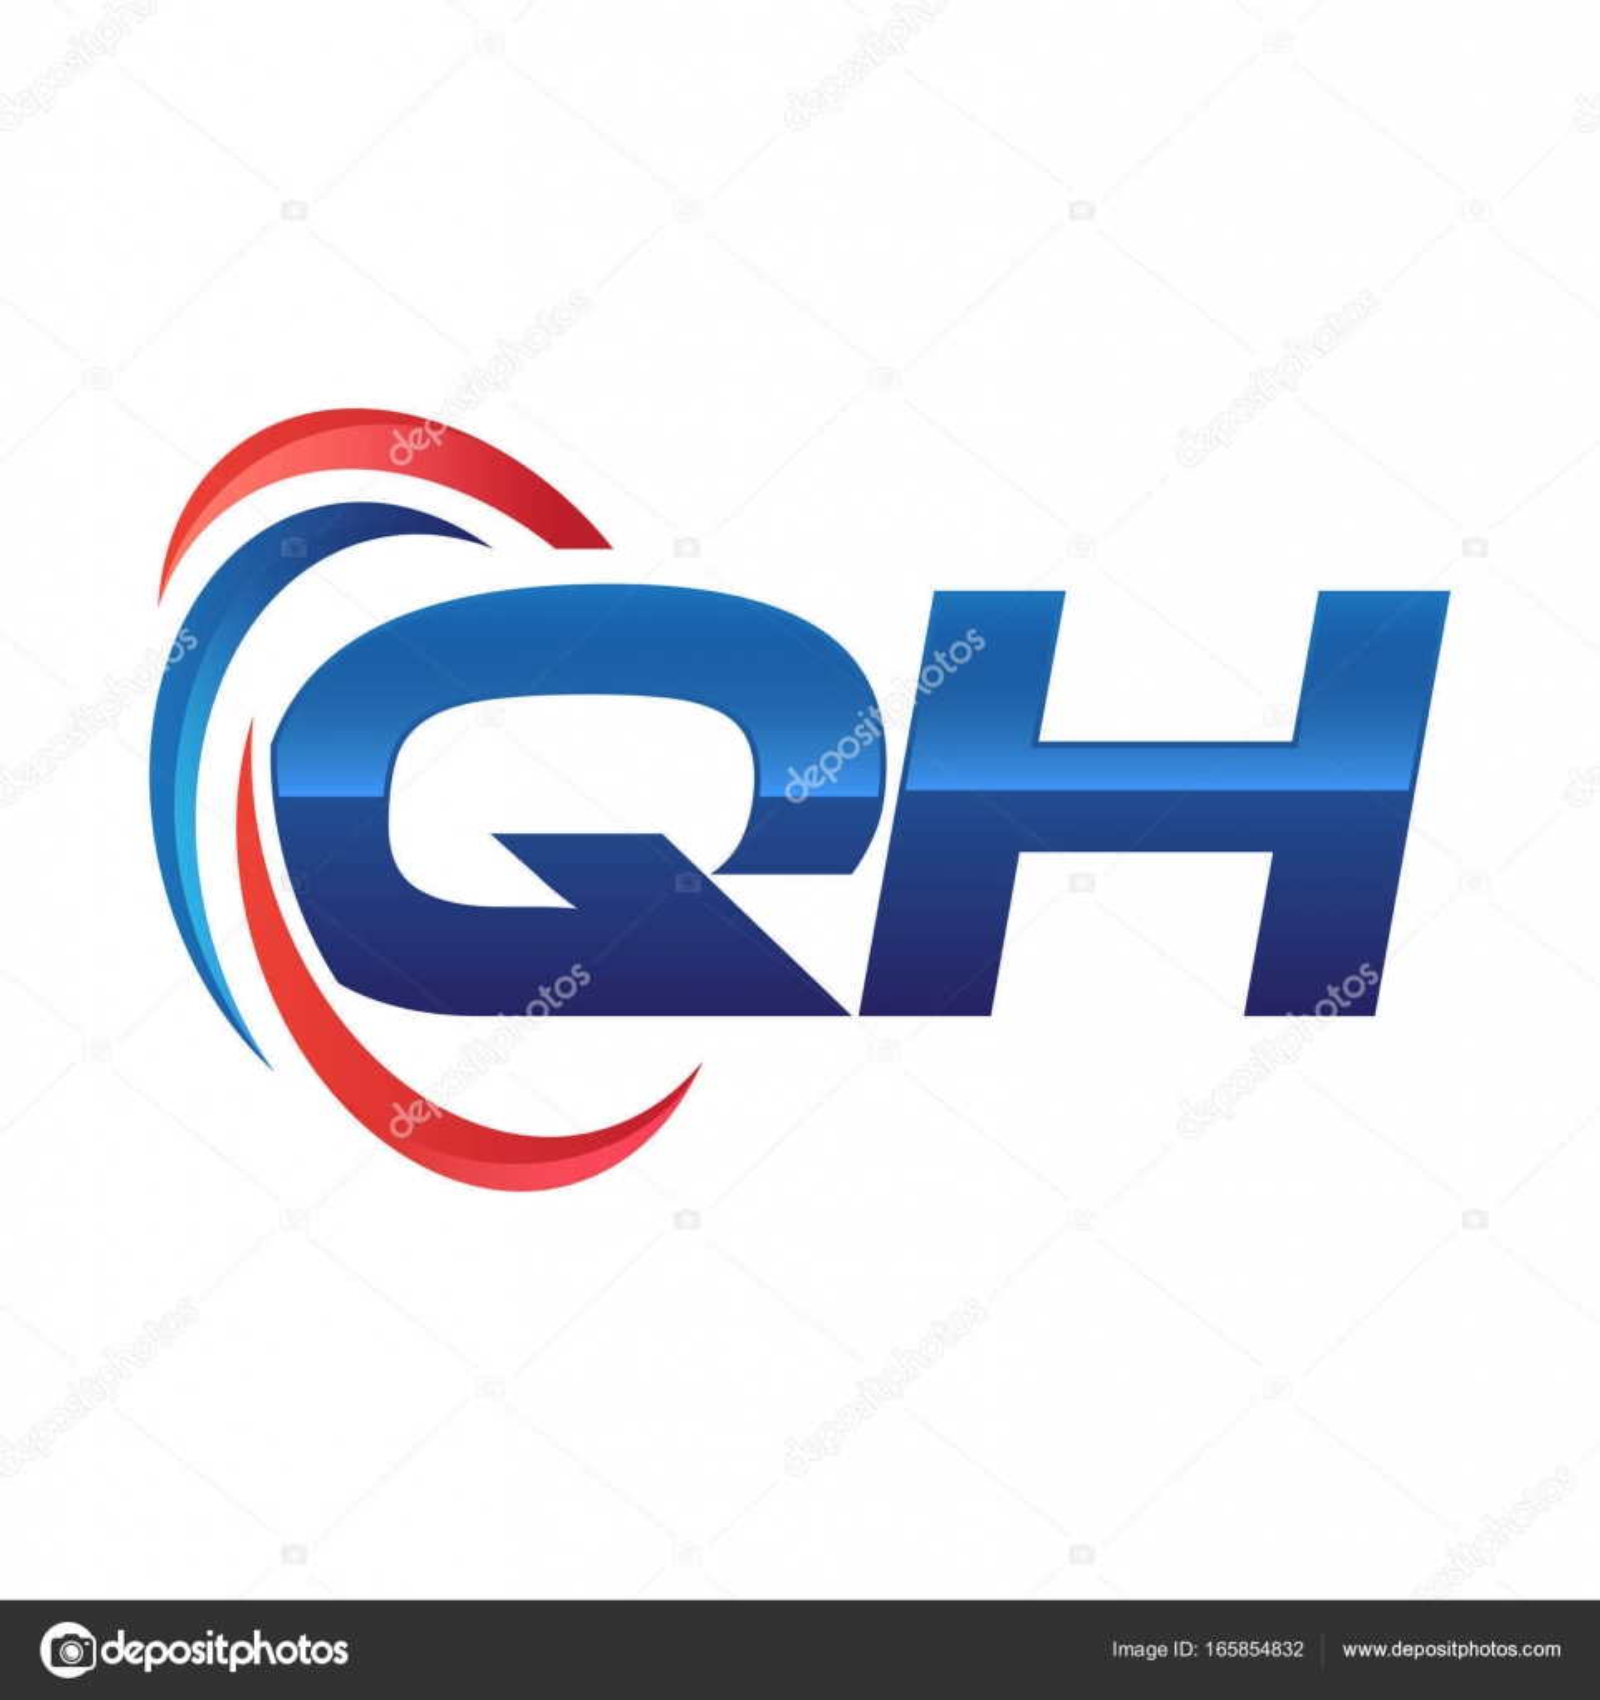 initial letter logo swoosh red blue stock vector khuluk 165854832 rh depositphotos com swoosh logo nike swoosh login family member